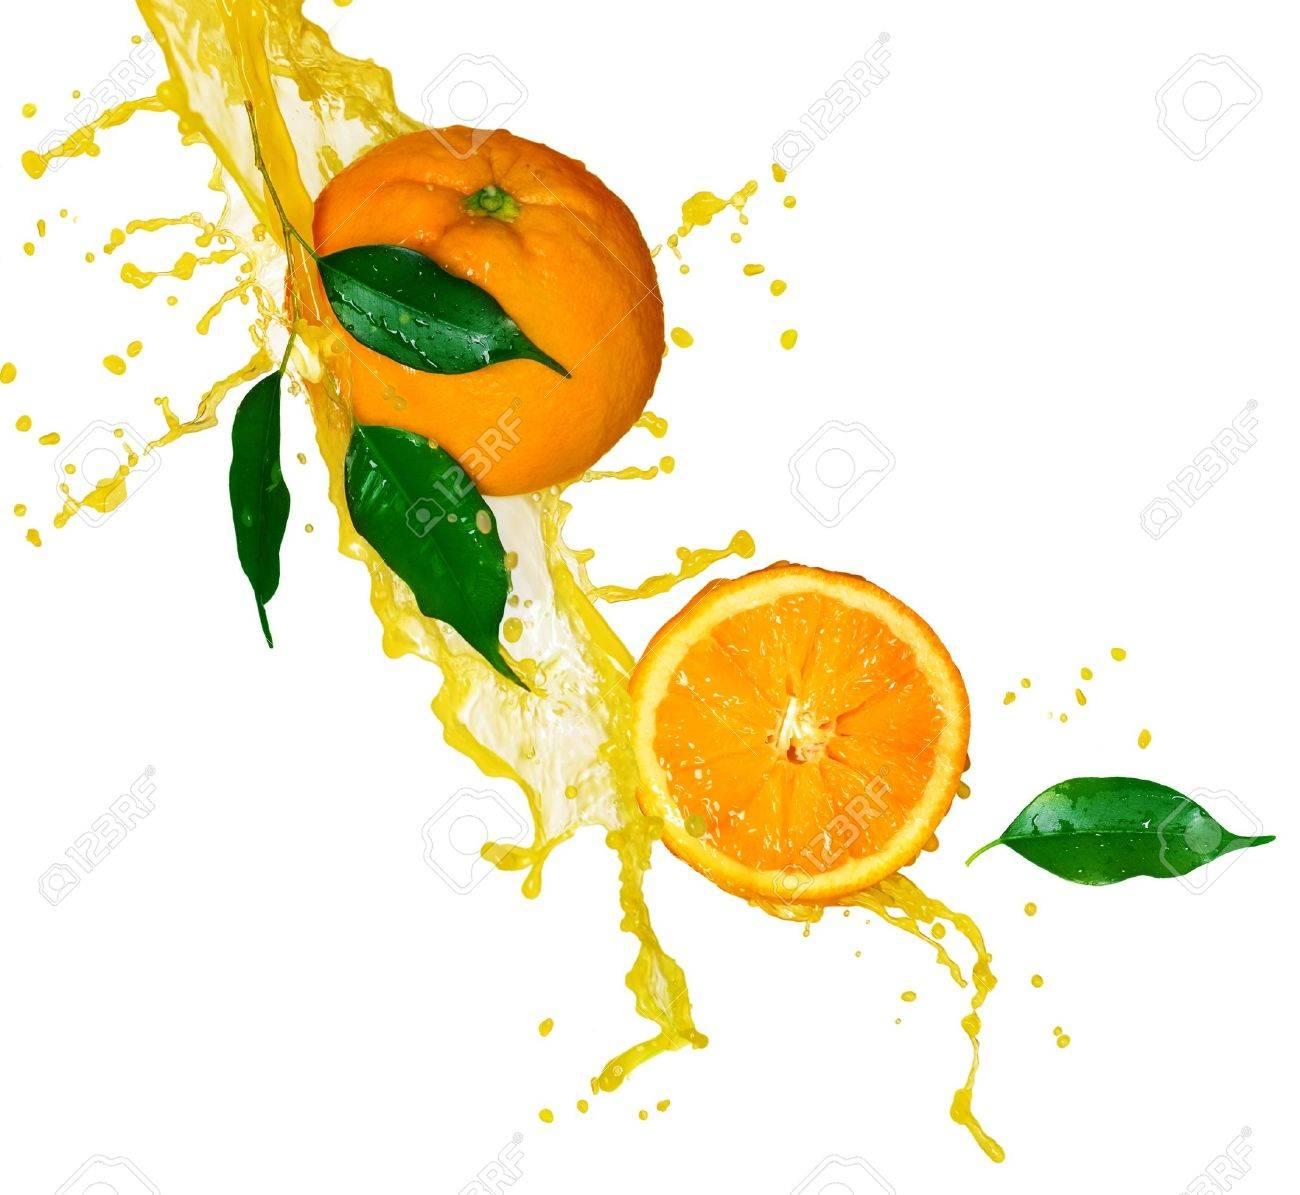 Orange juice isolated on white - 7815188